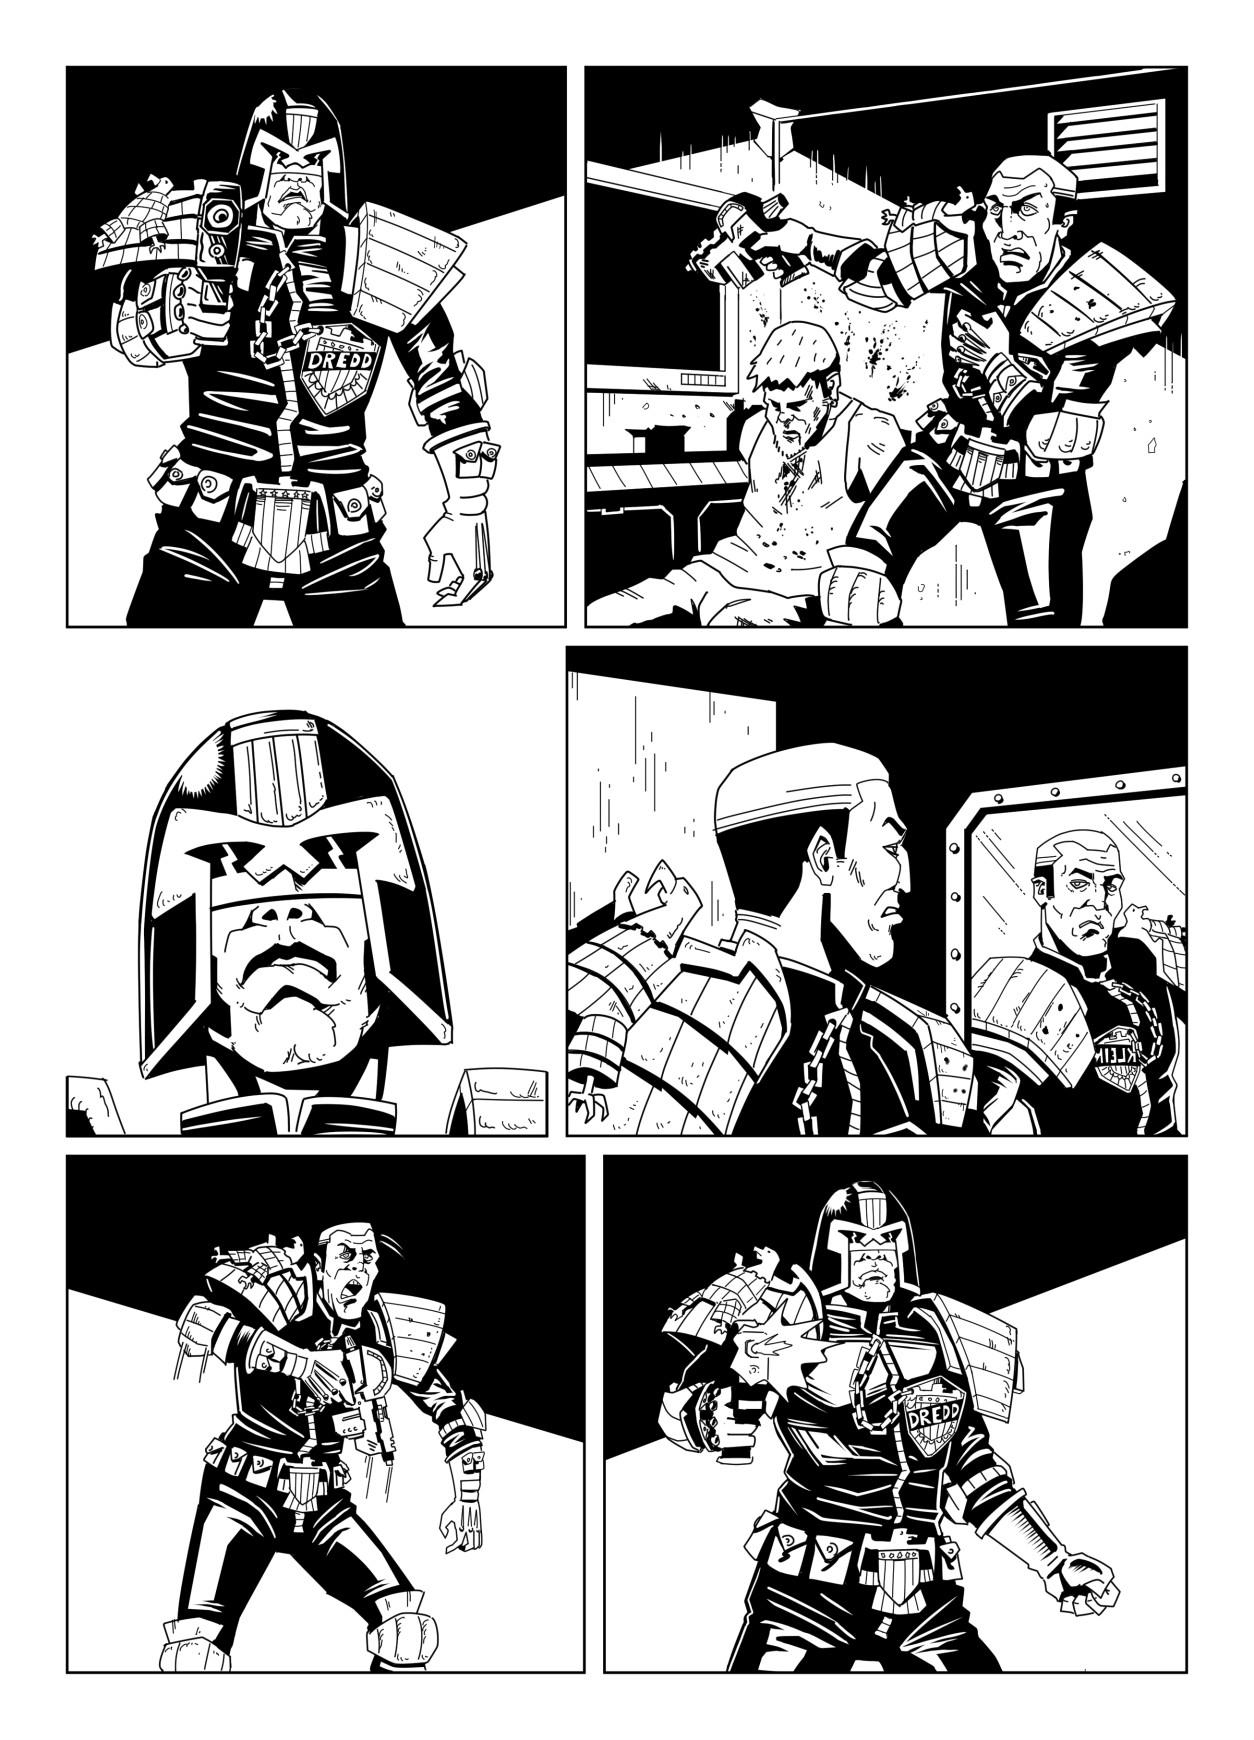 John ciarfuglia a4 page 6 no lett